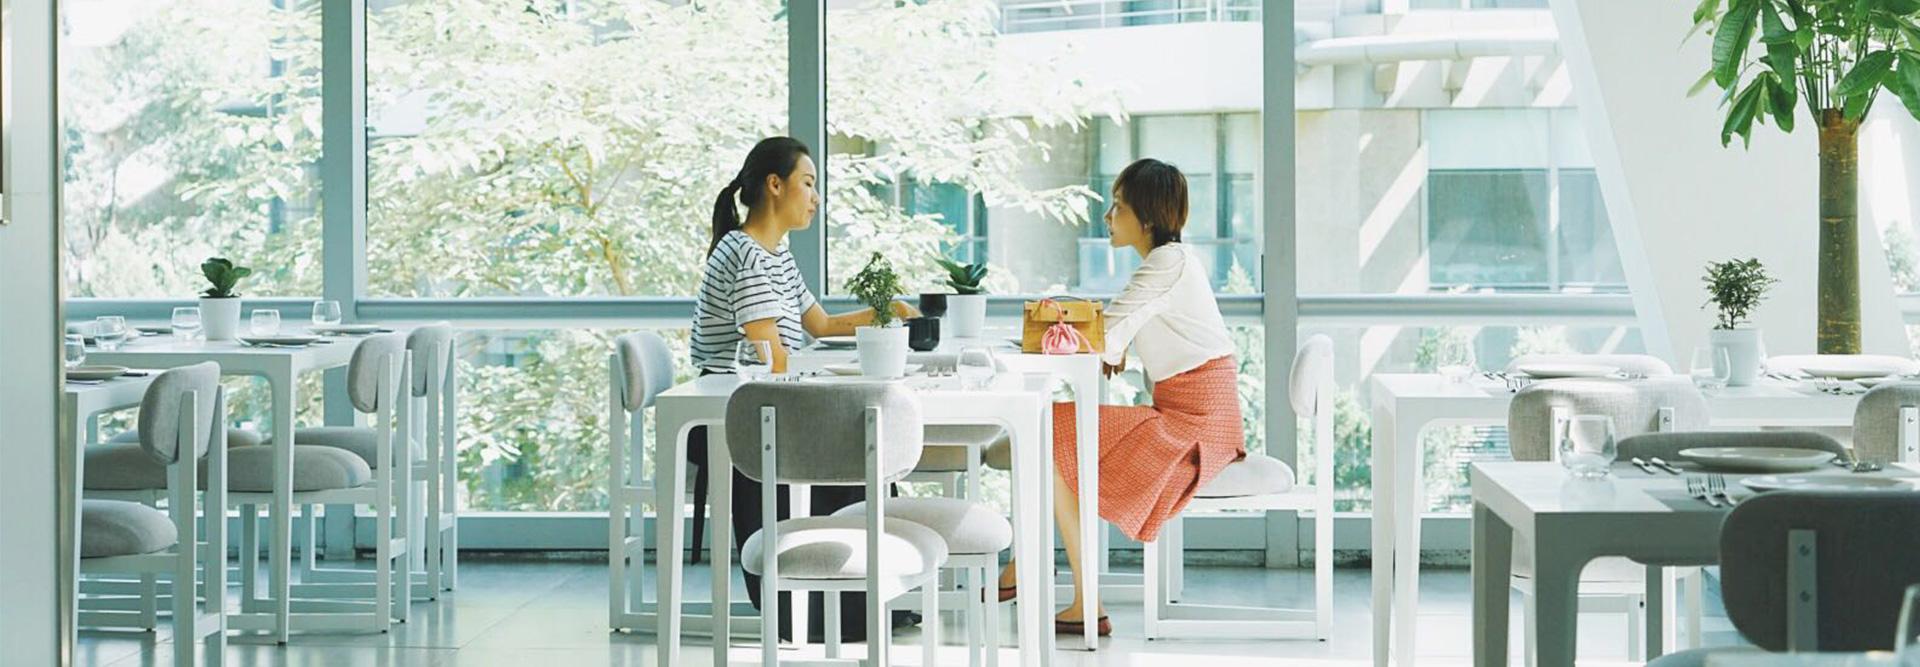 北京馥遇餐厅 | 51把8点椅,闺蜜最舒适约会地